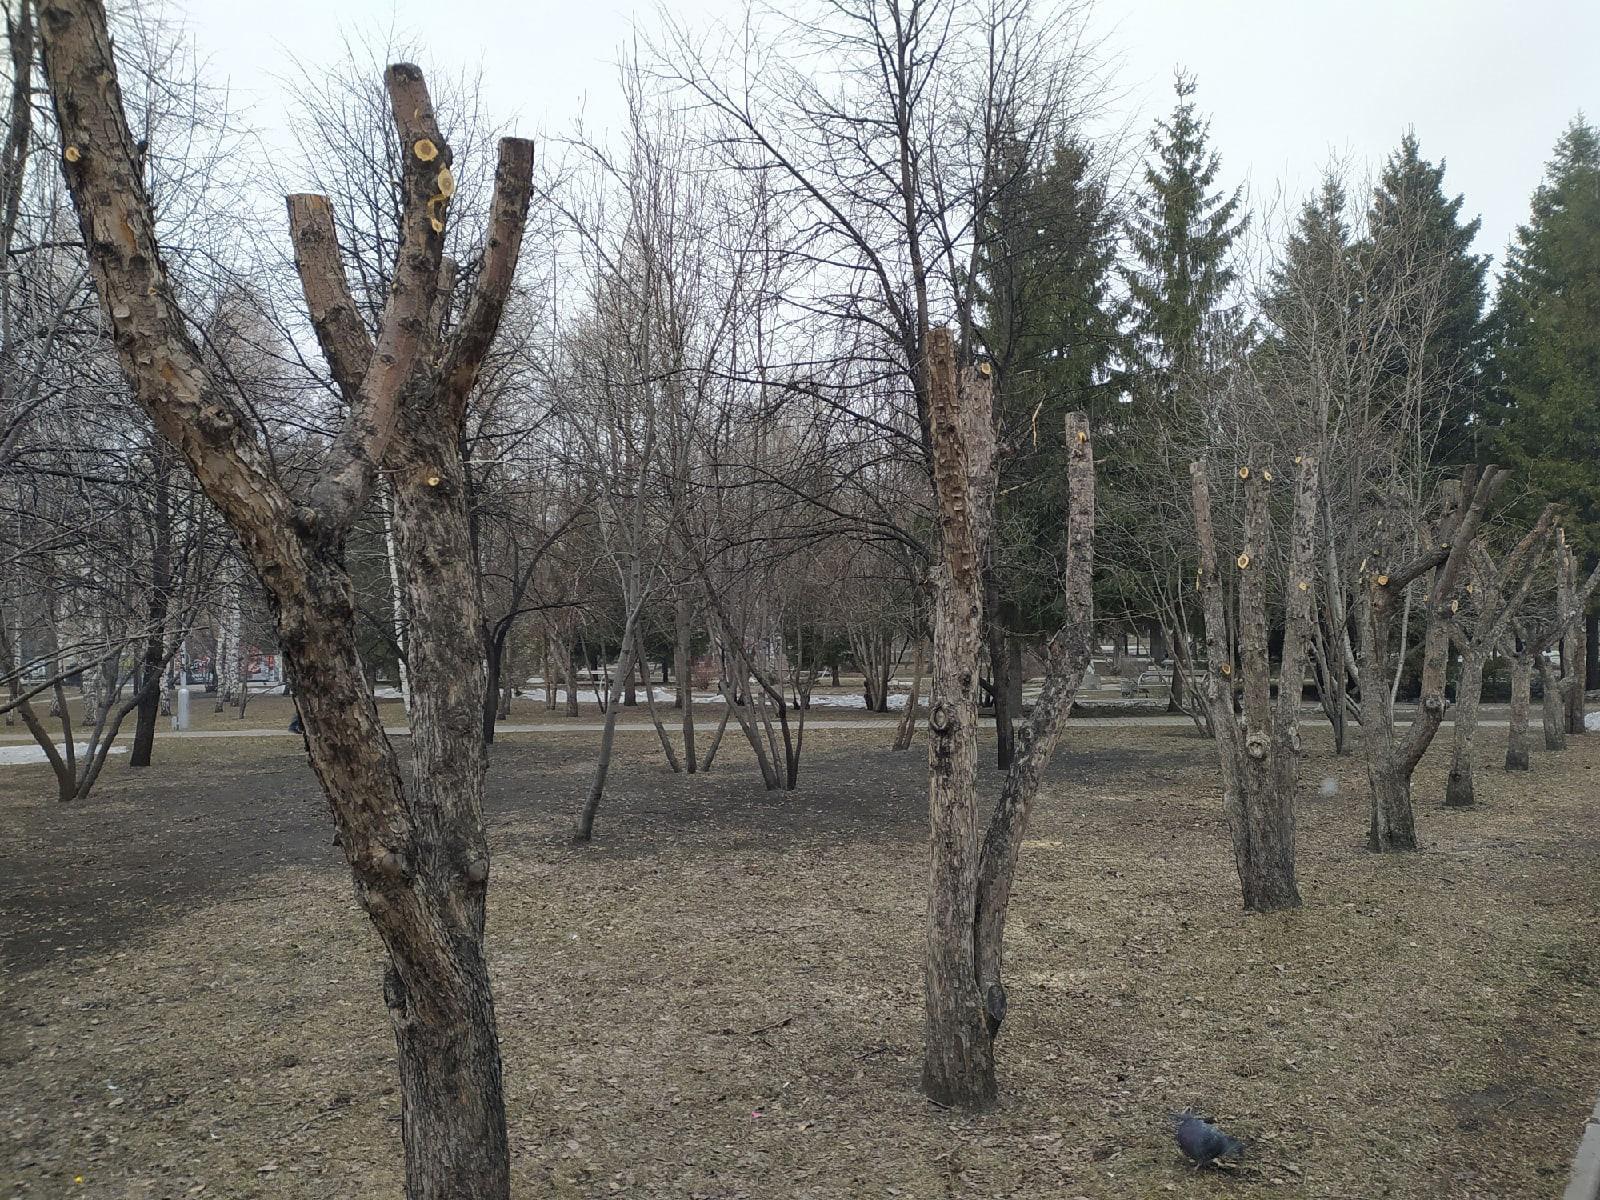 фото В Первомайском сквере Новосибирска обрезали деревья – как в фильме ужасов 3